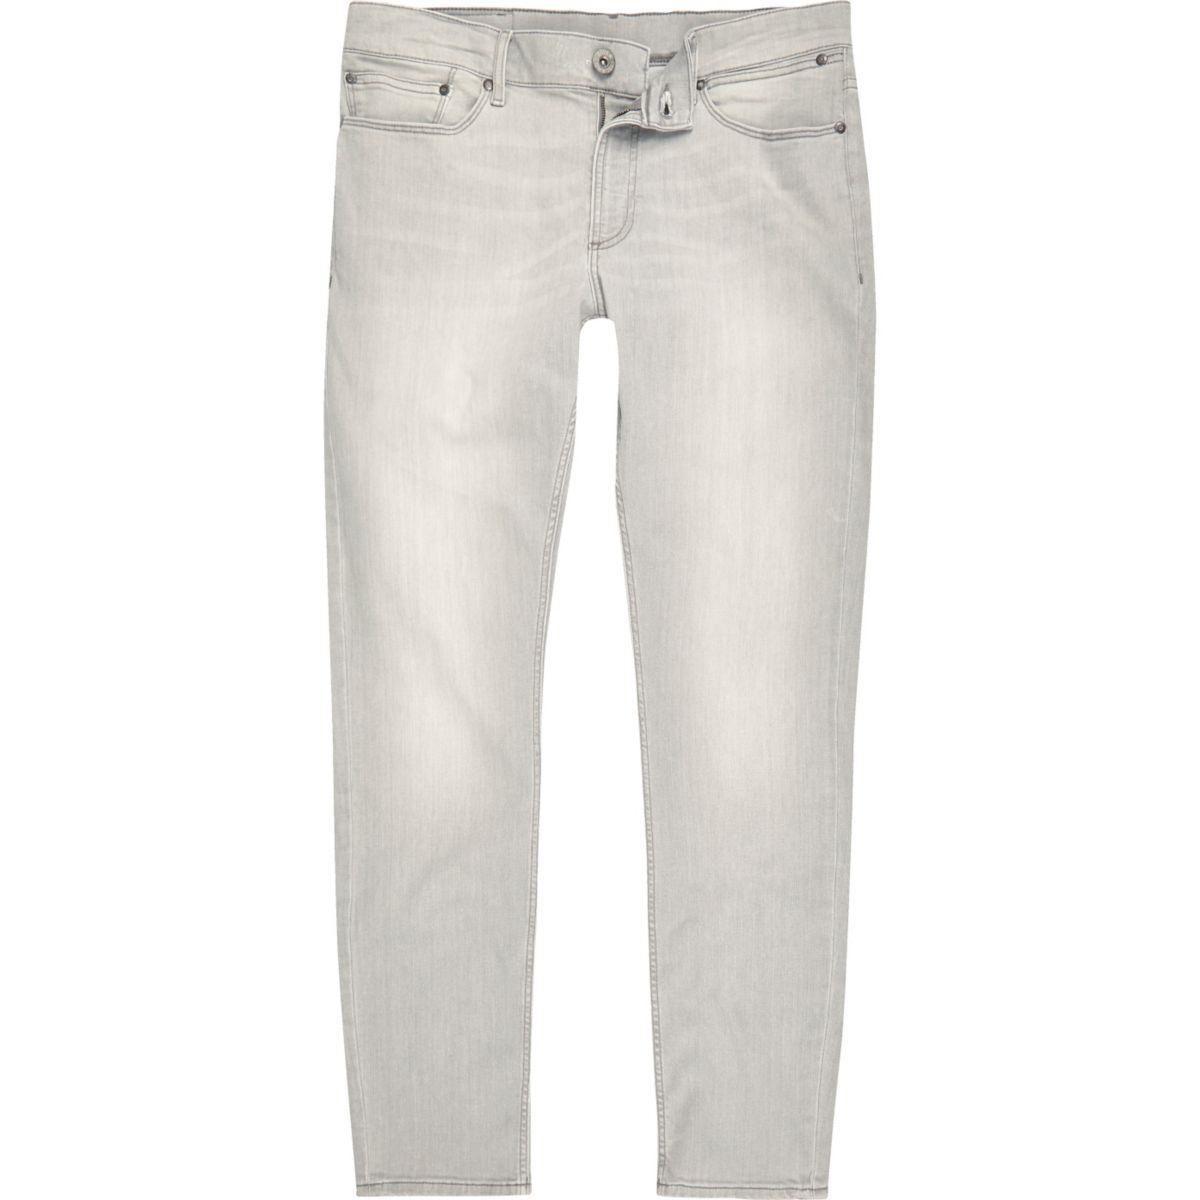 Grey wash skinny fit Sid jeans